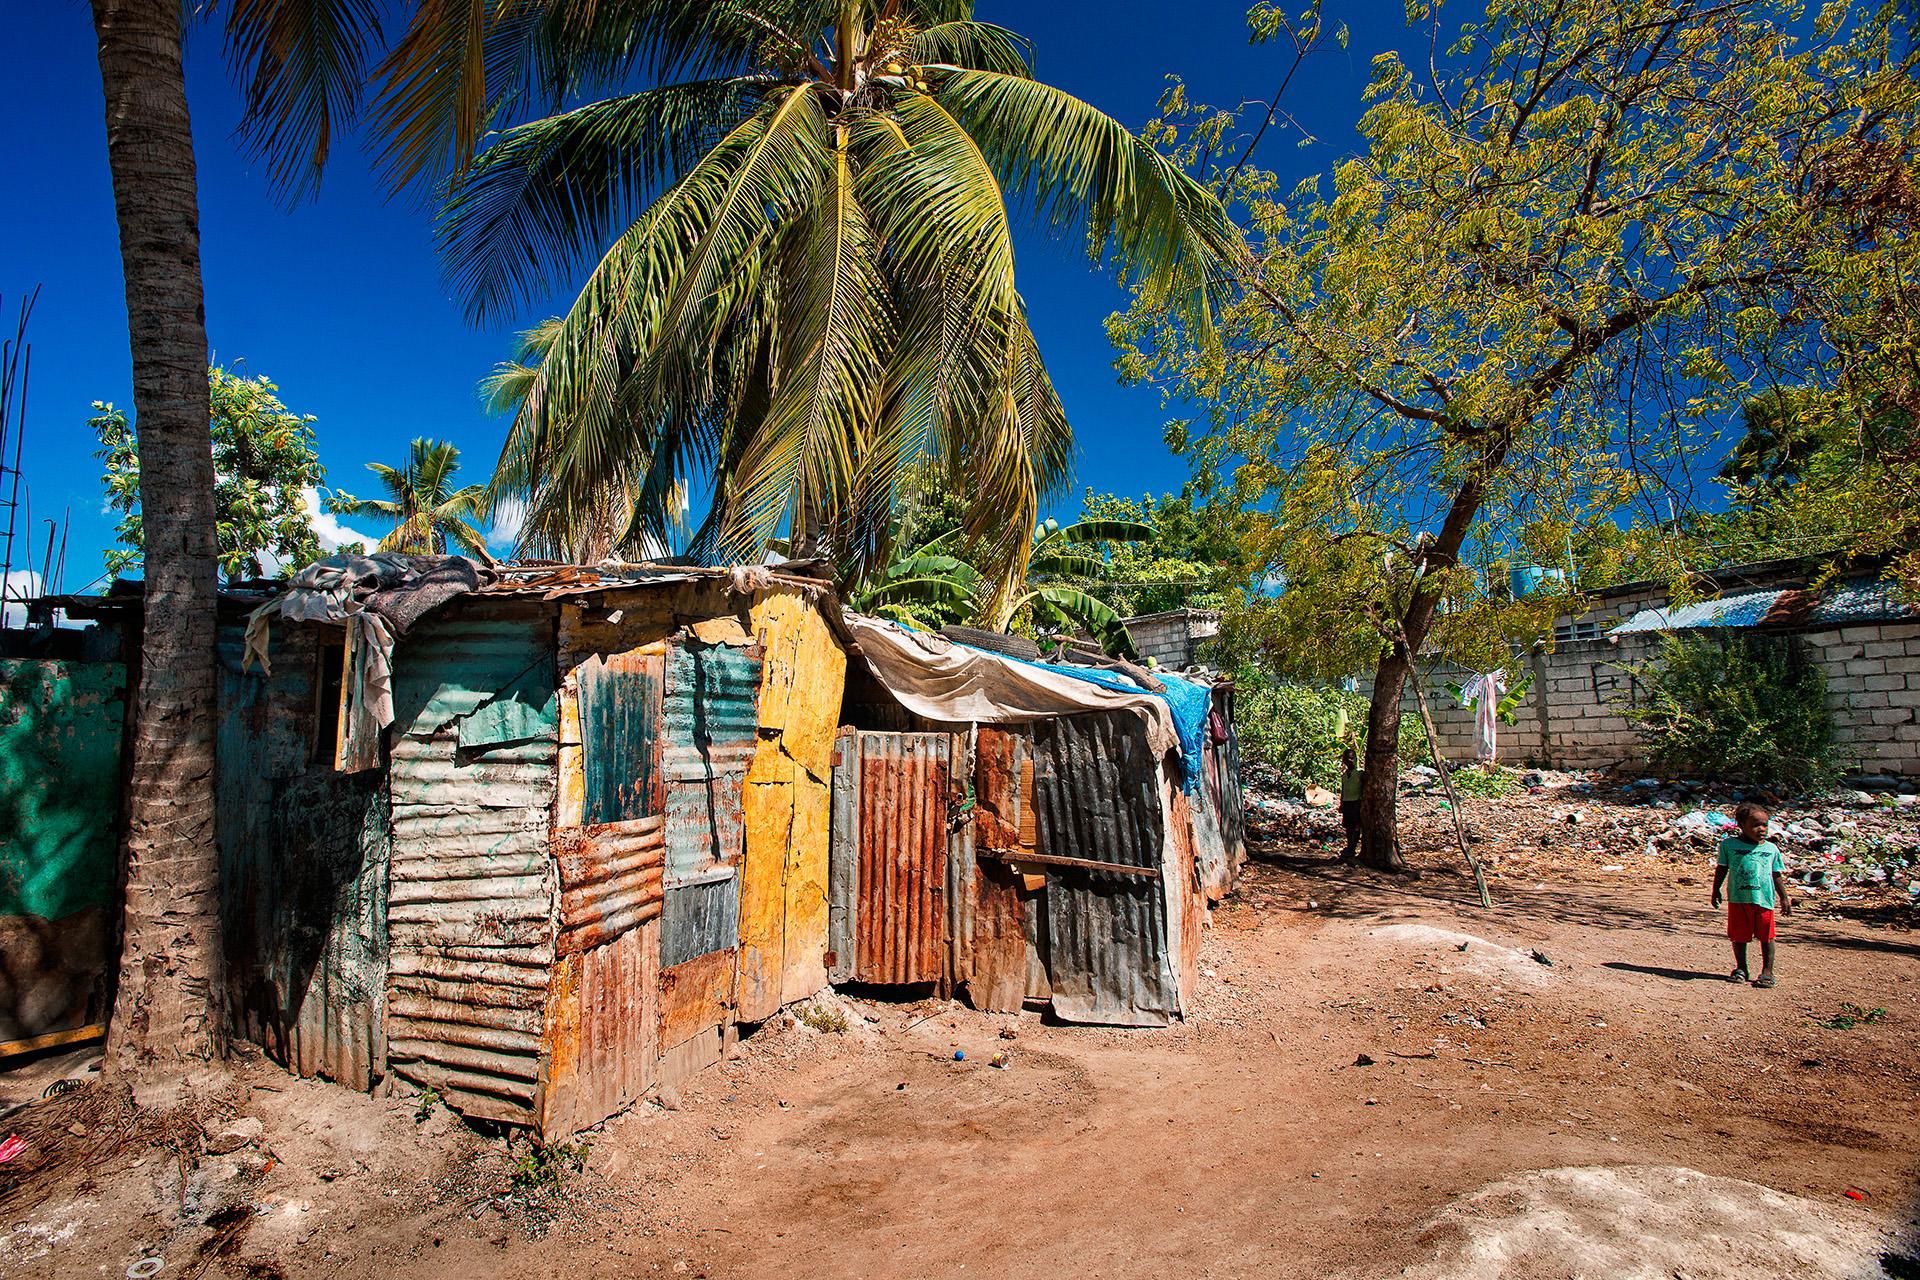 160110_Felician_Haiti_3928.jpg